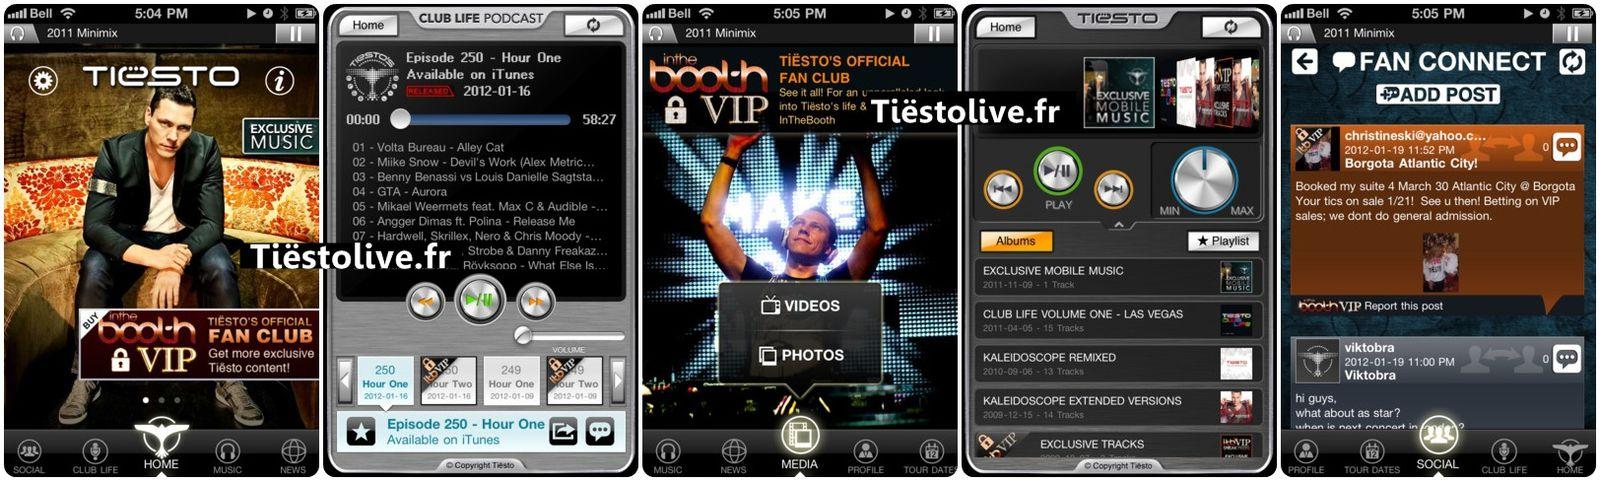 Tiesto-application-iphone.jpg